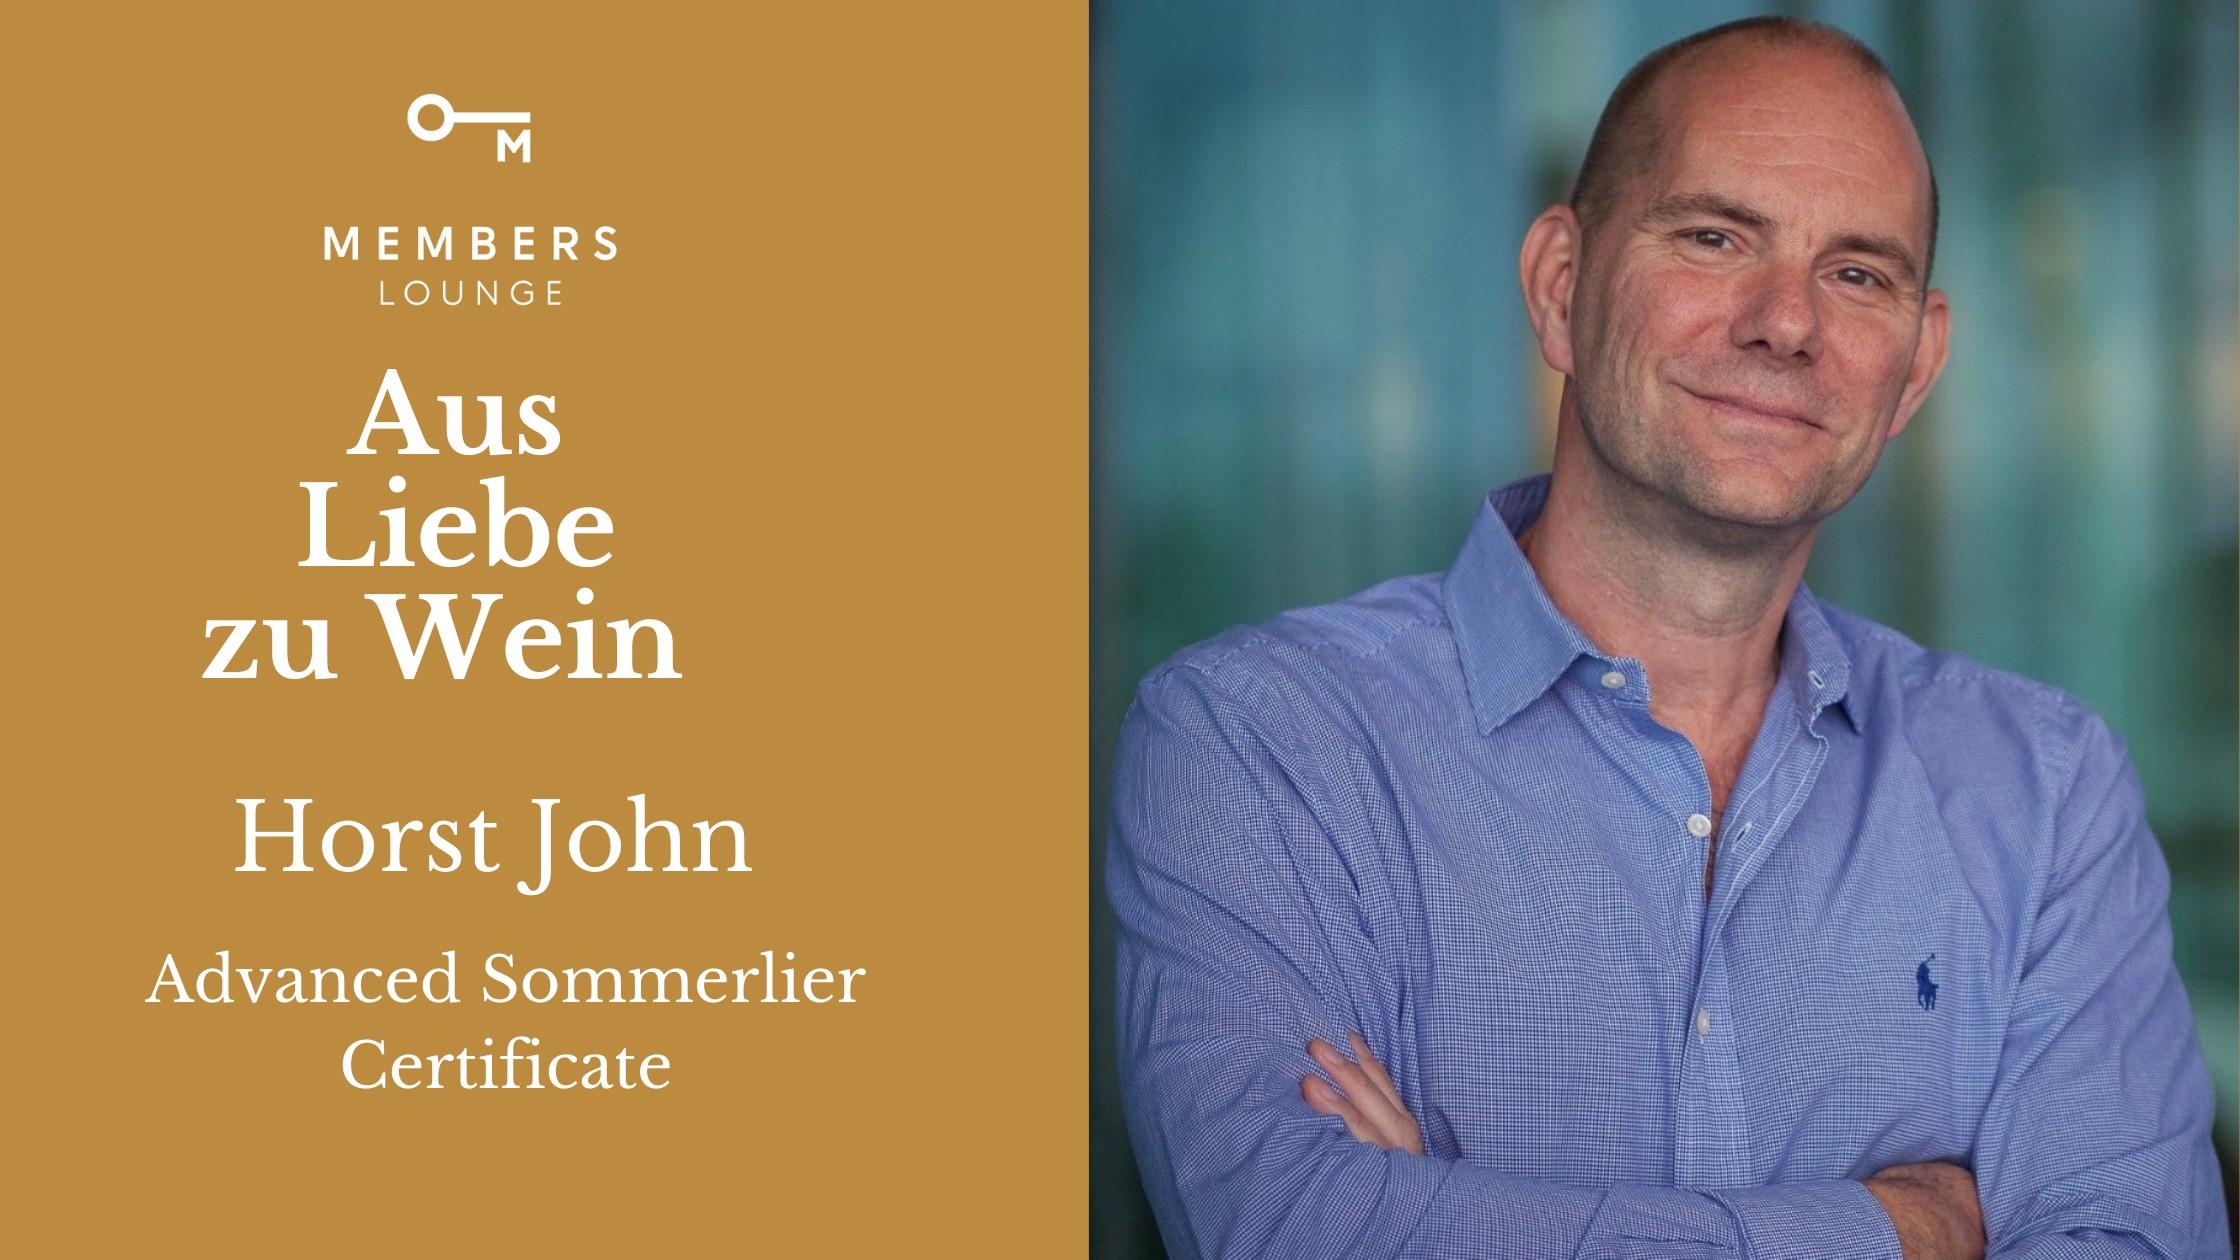 Aus Liebe zu Wein mit Horst John